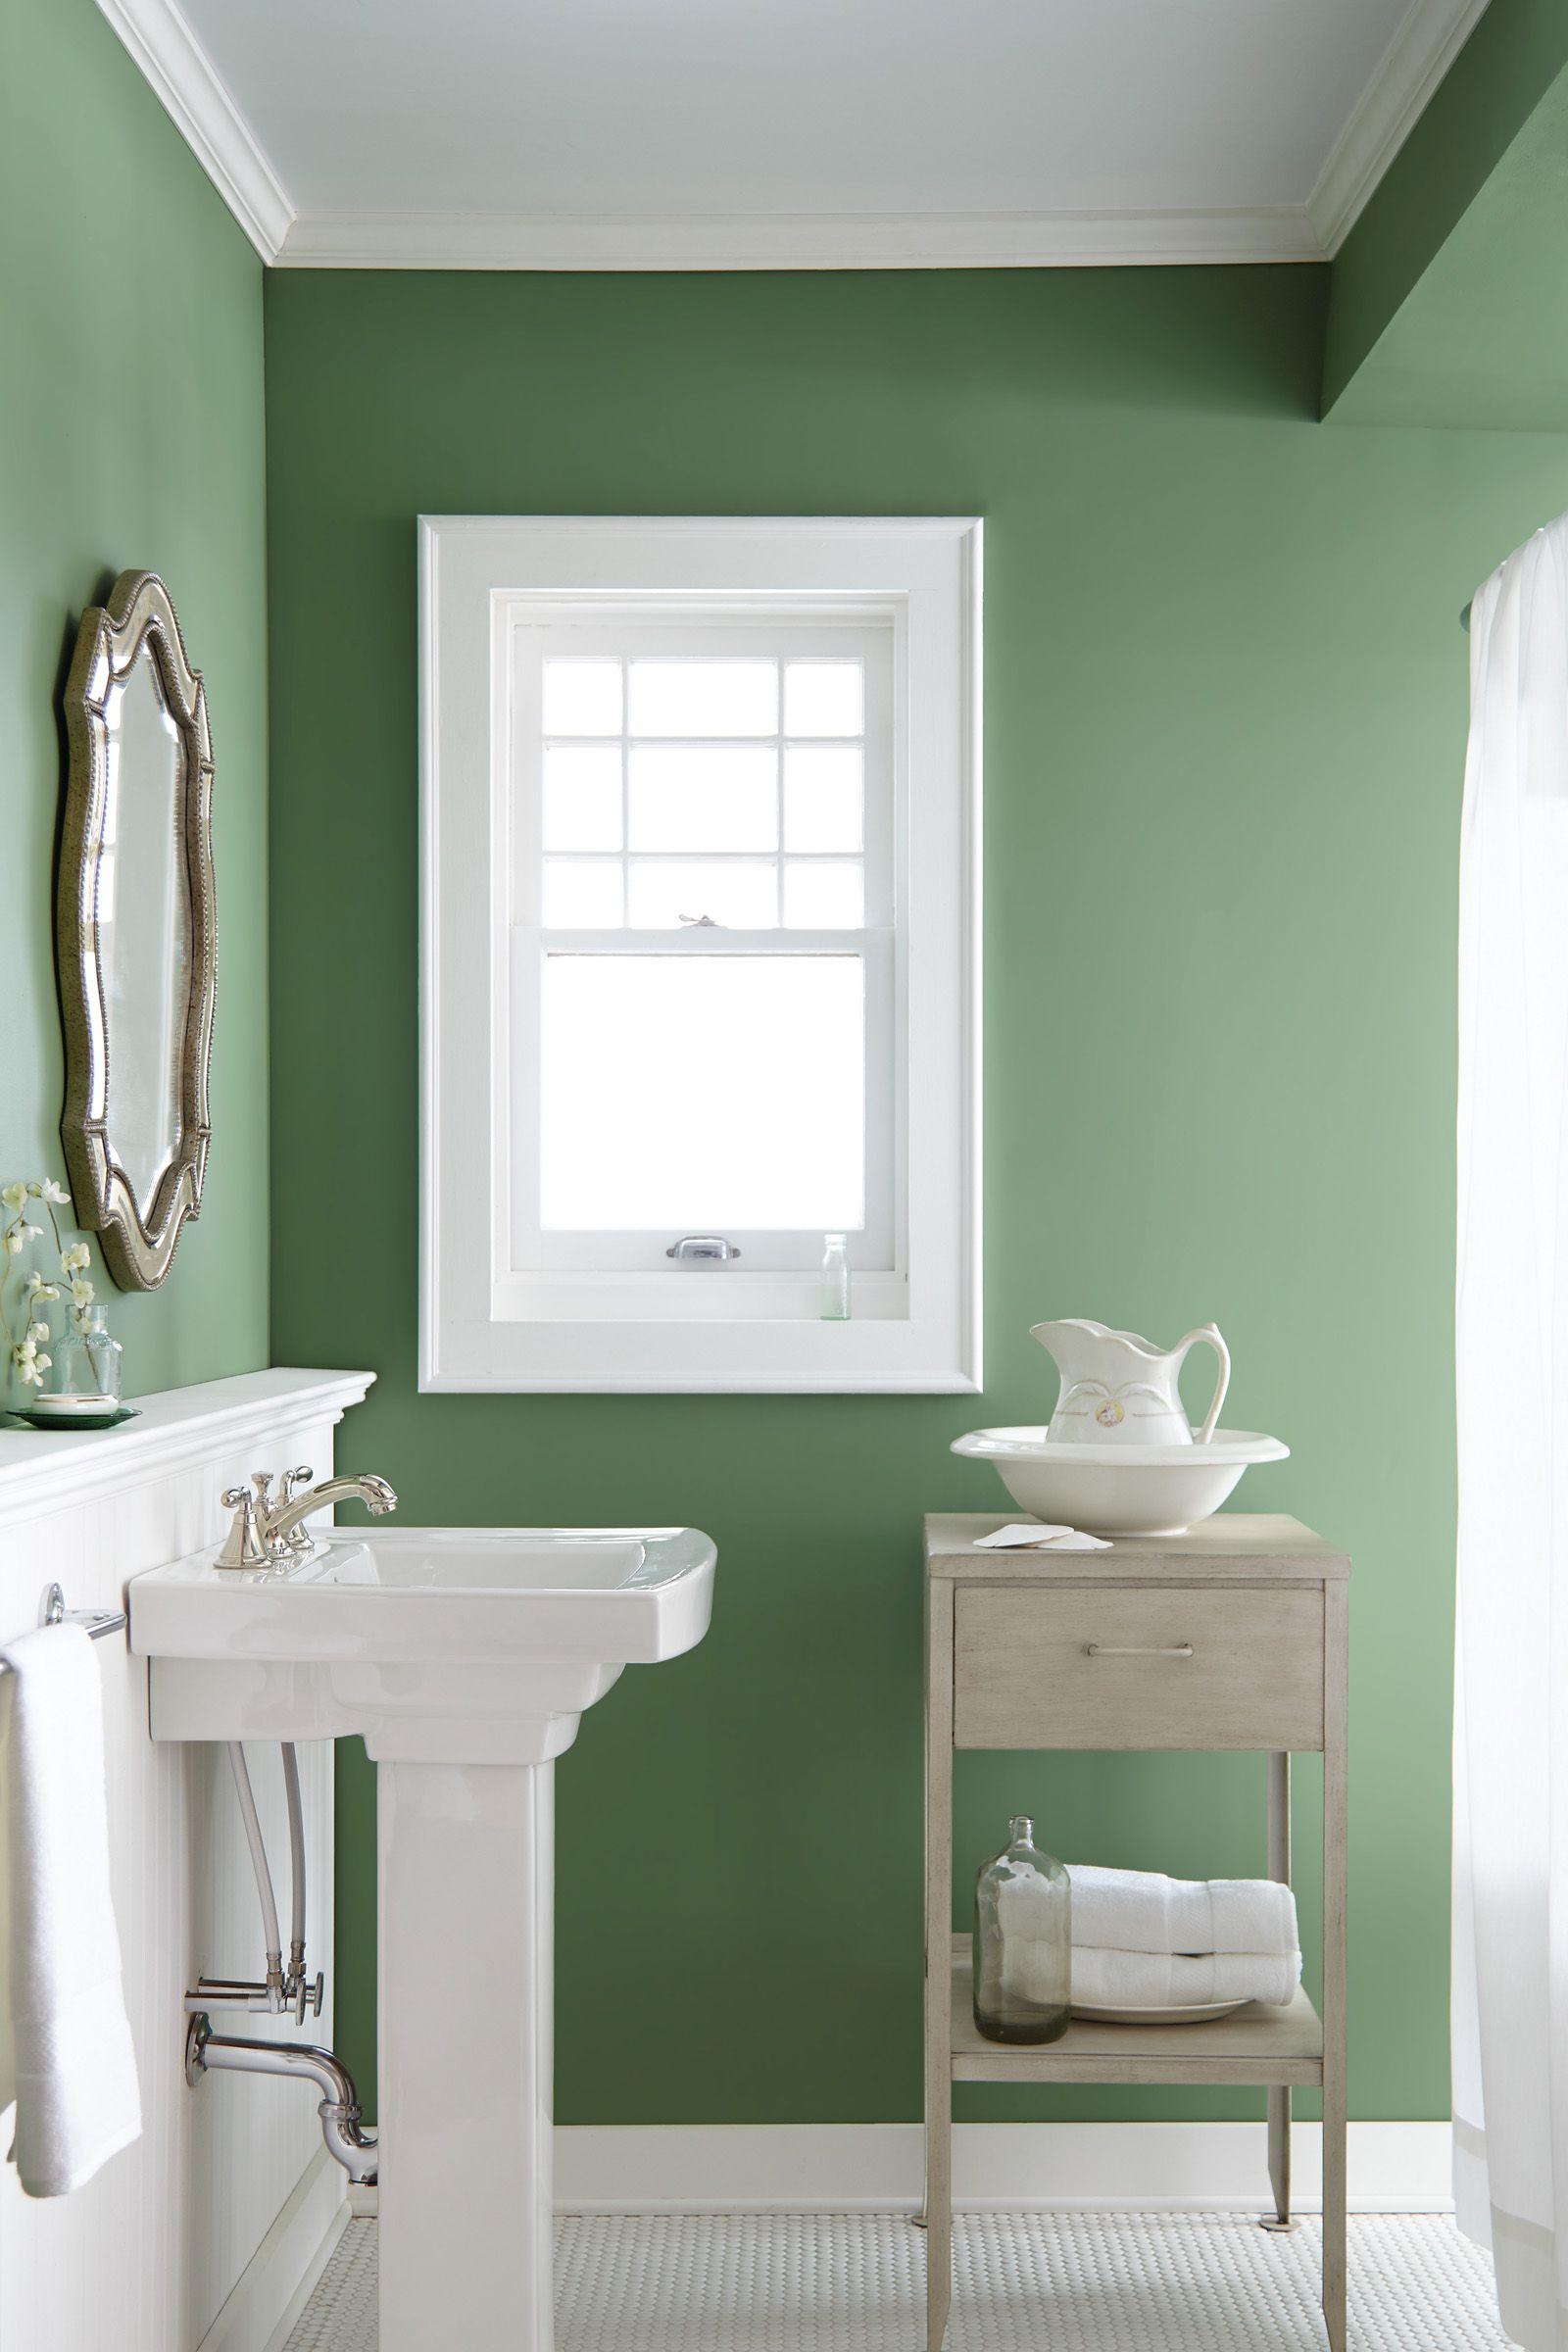 Joanna Gaines' Favorite Paint Colors